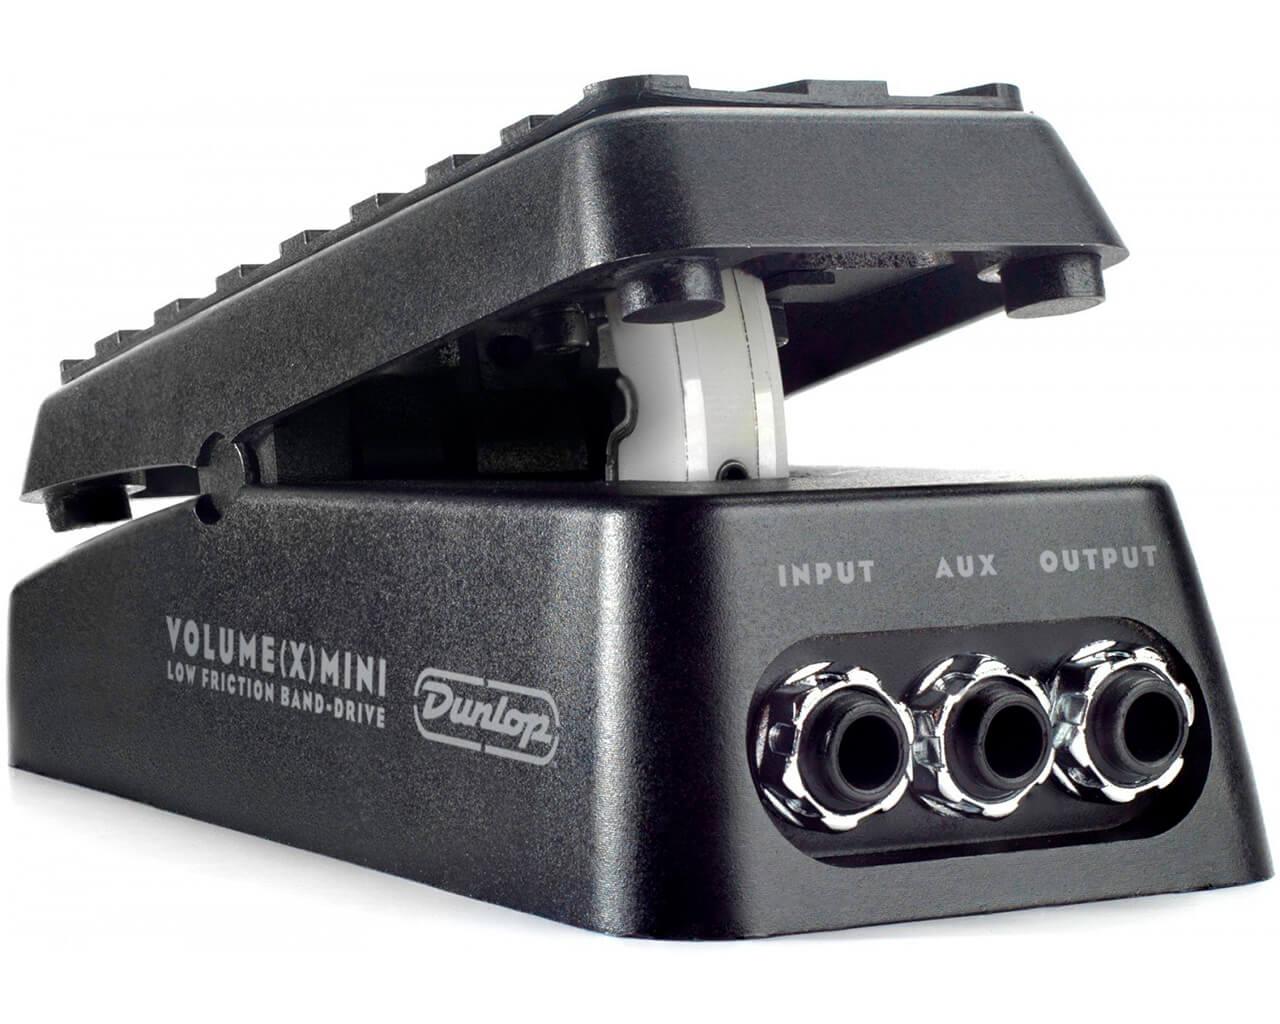 Pedal Volume X Mini DPV4 Dunlop